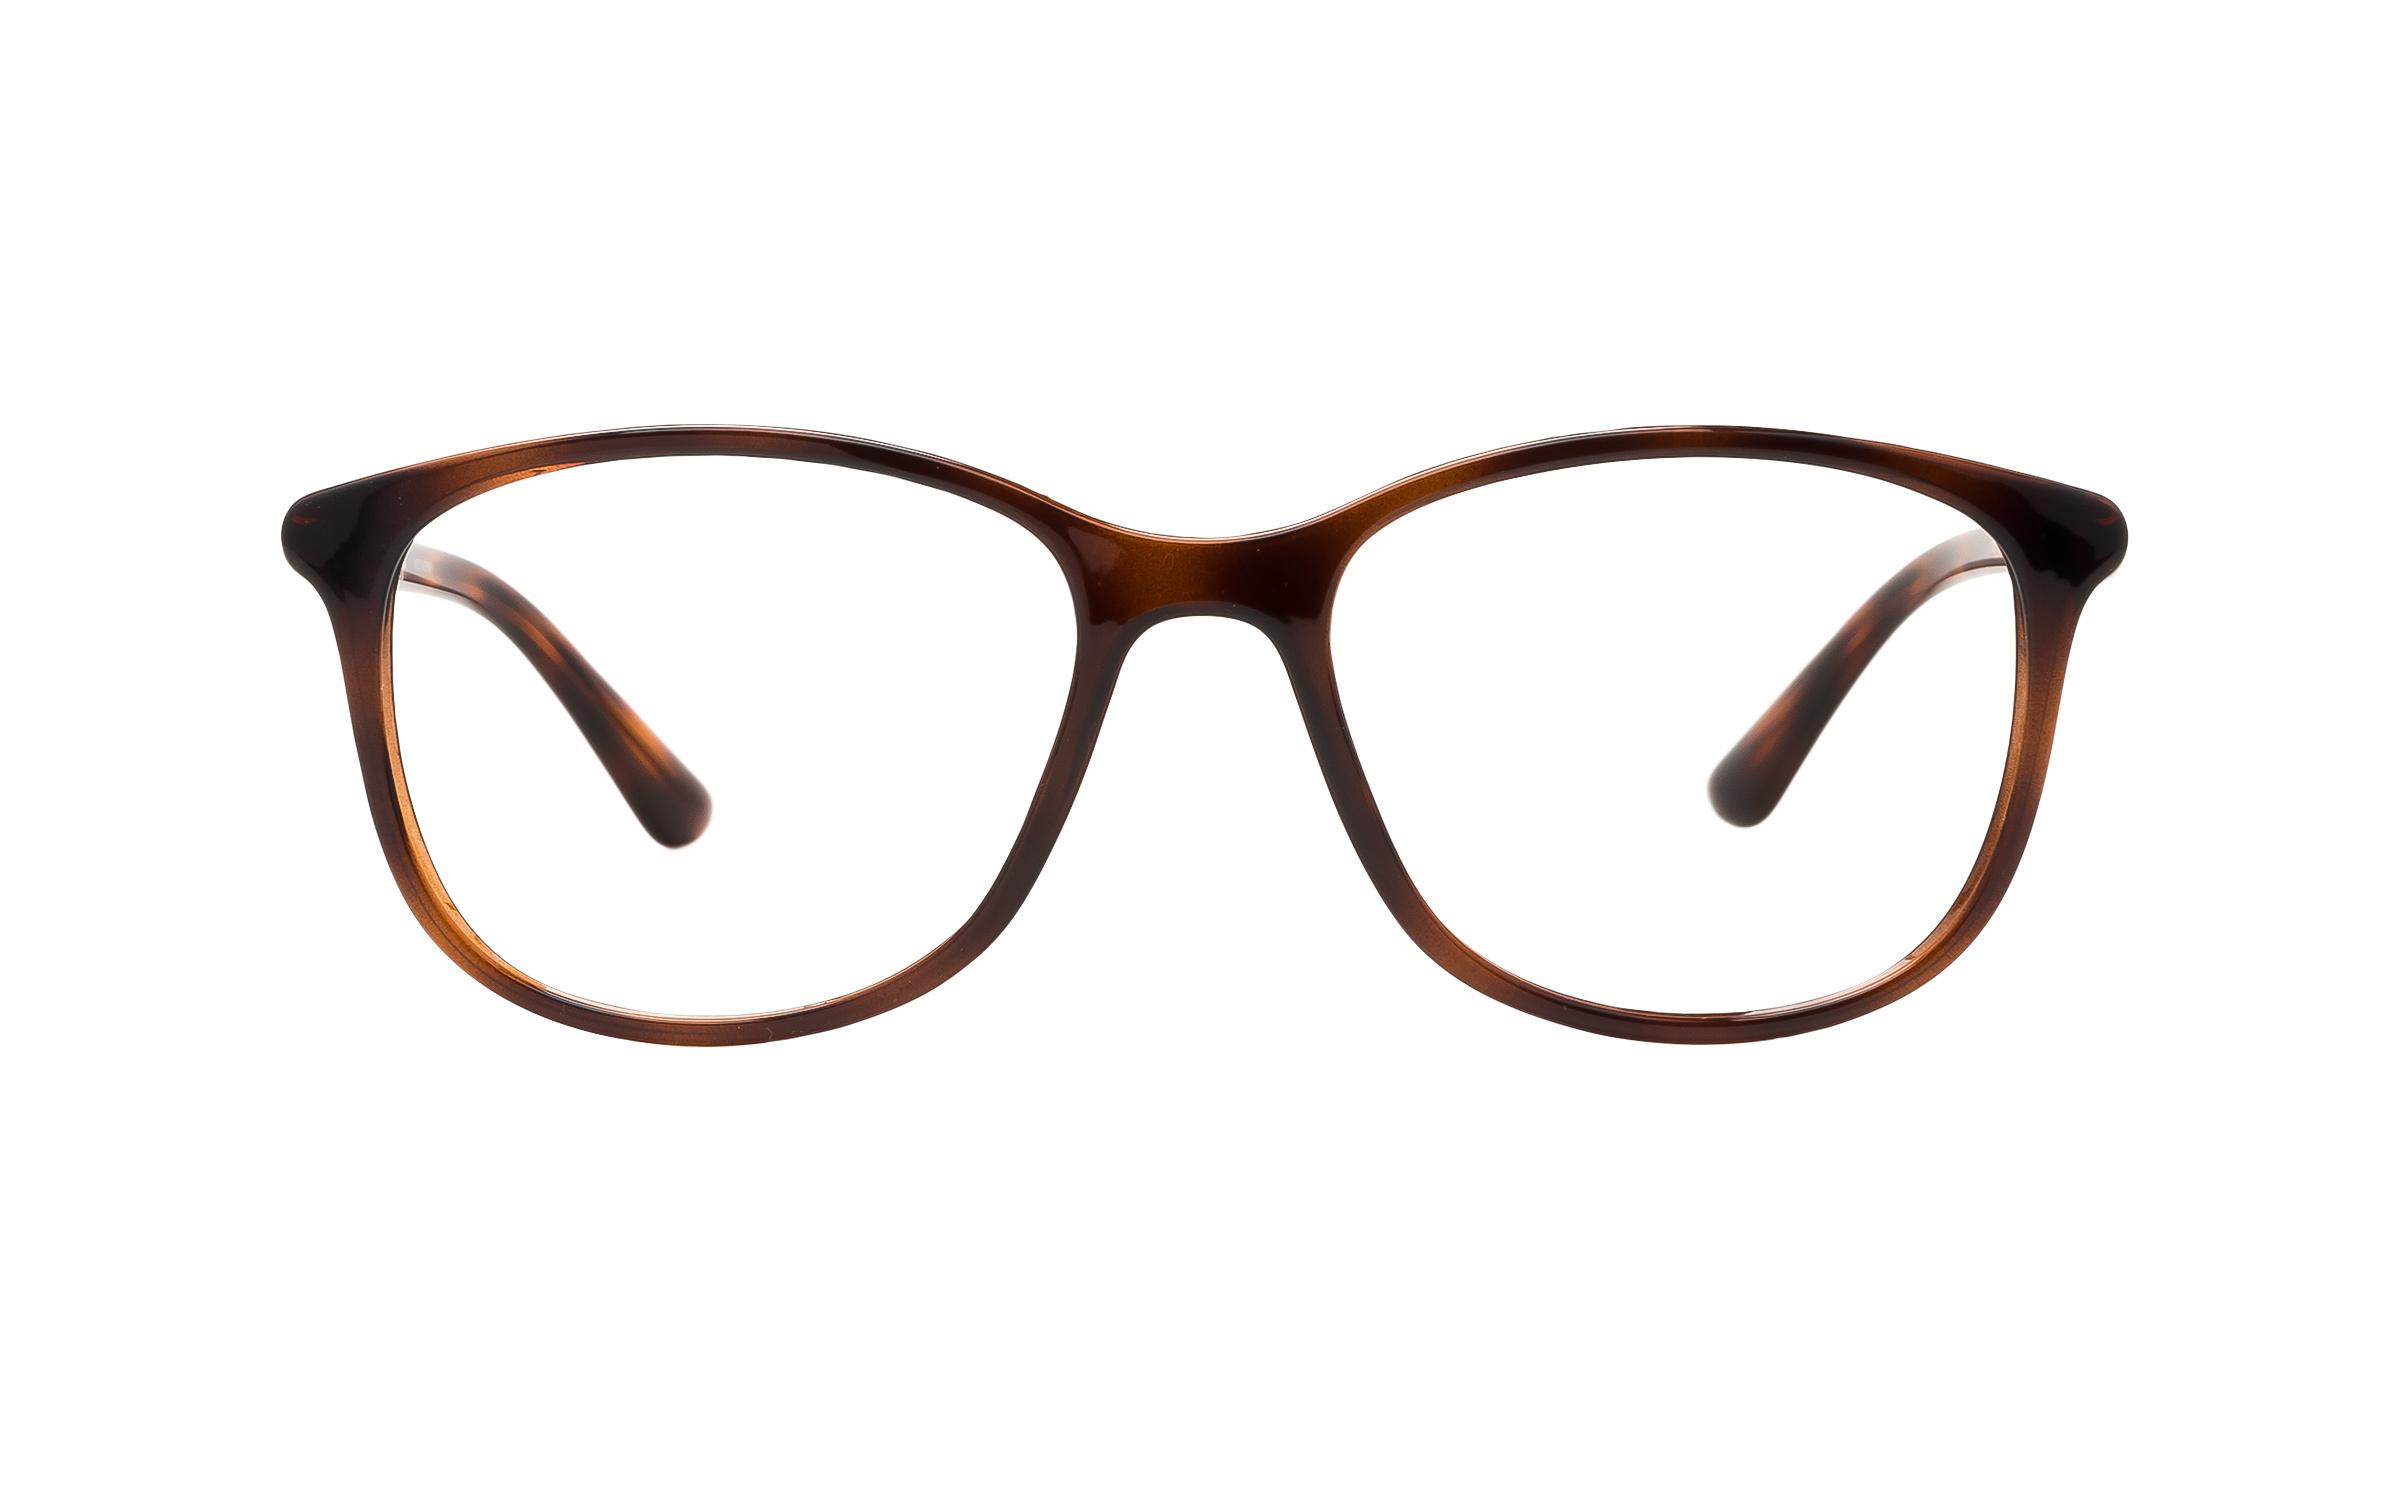 Vogue VO5168 2386 BR (52) Eyeglasses and Frame in Top Dark Havana Light Brown/Tortoise | Metal